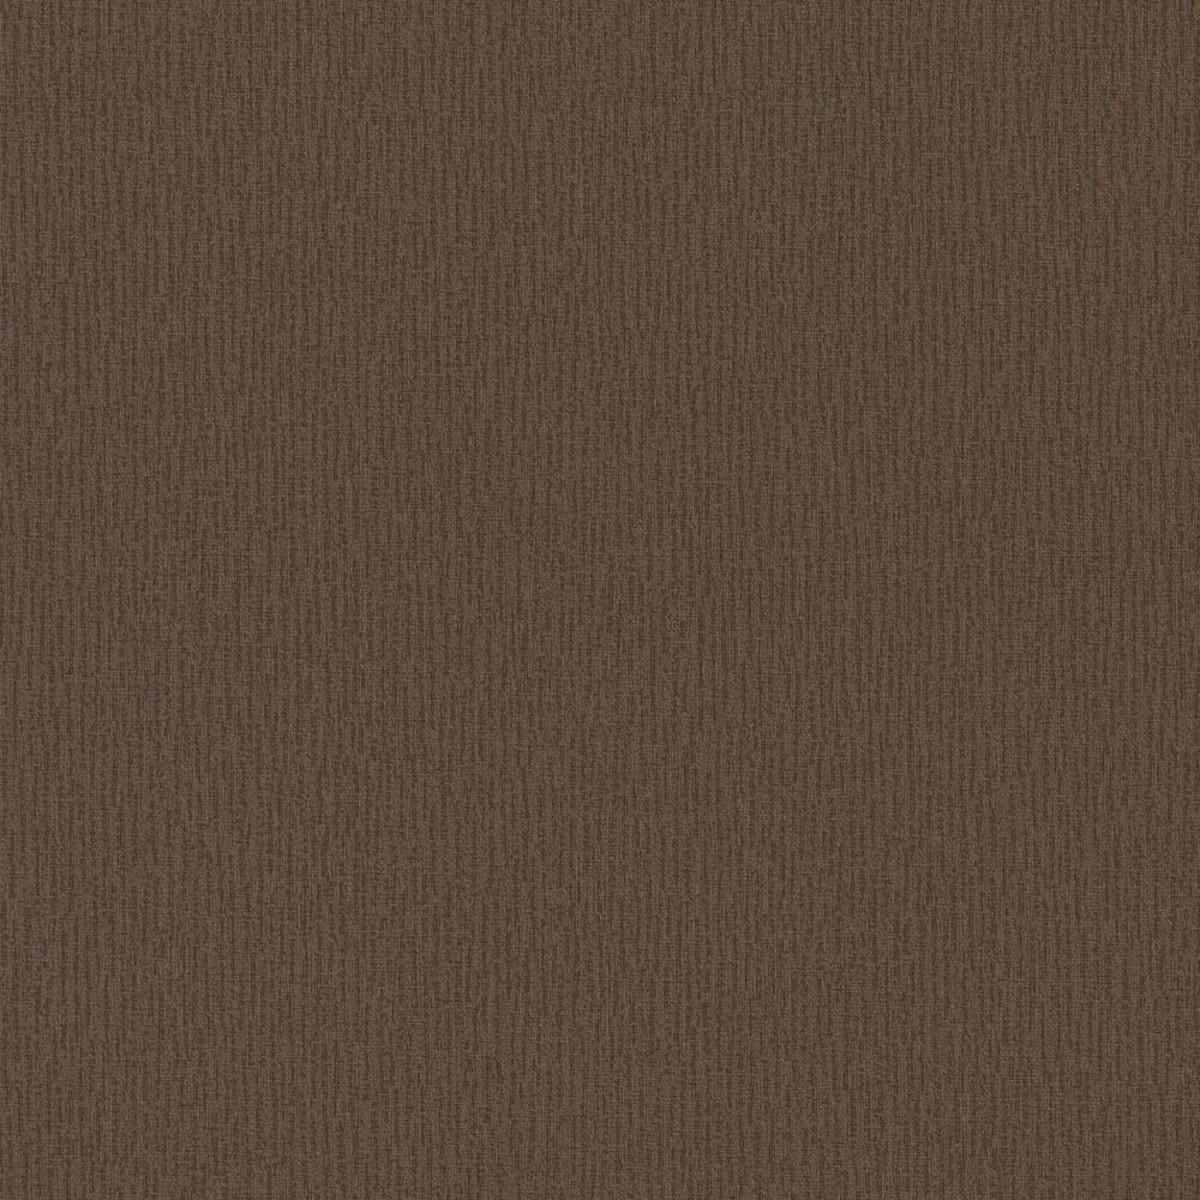 Обои флизелиновые Rasch Gentle Elegance 2016 коричневые 0.53 м 724066